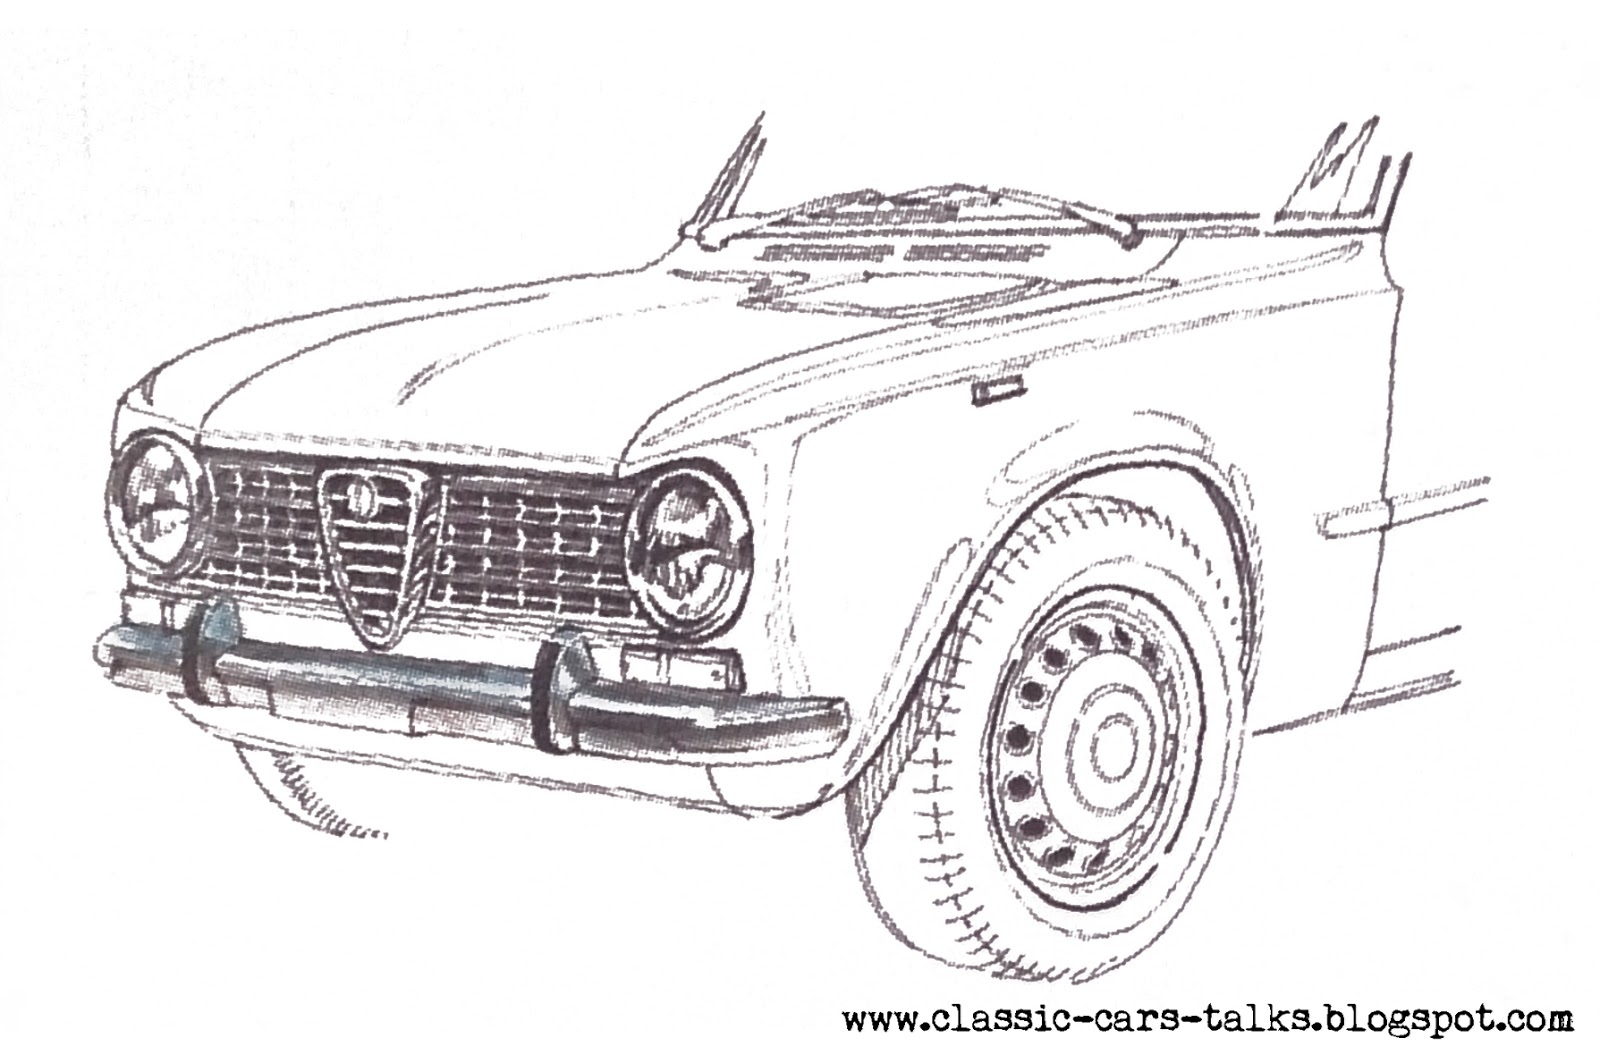 Classic Cars Talks The Alfa Romeo Giulia Timeline